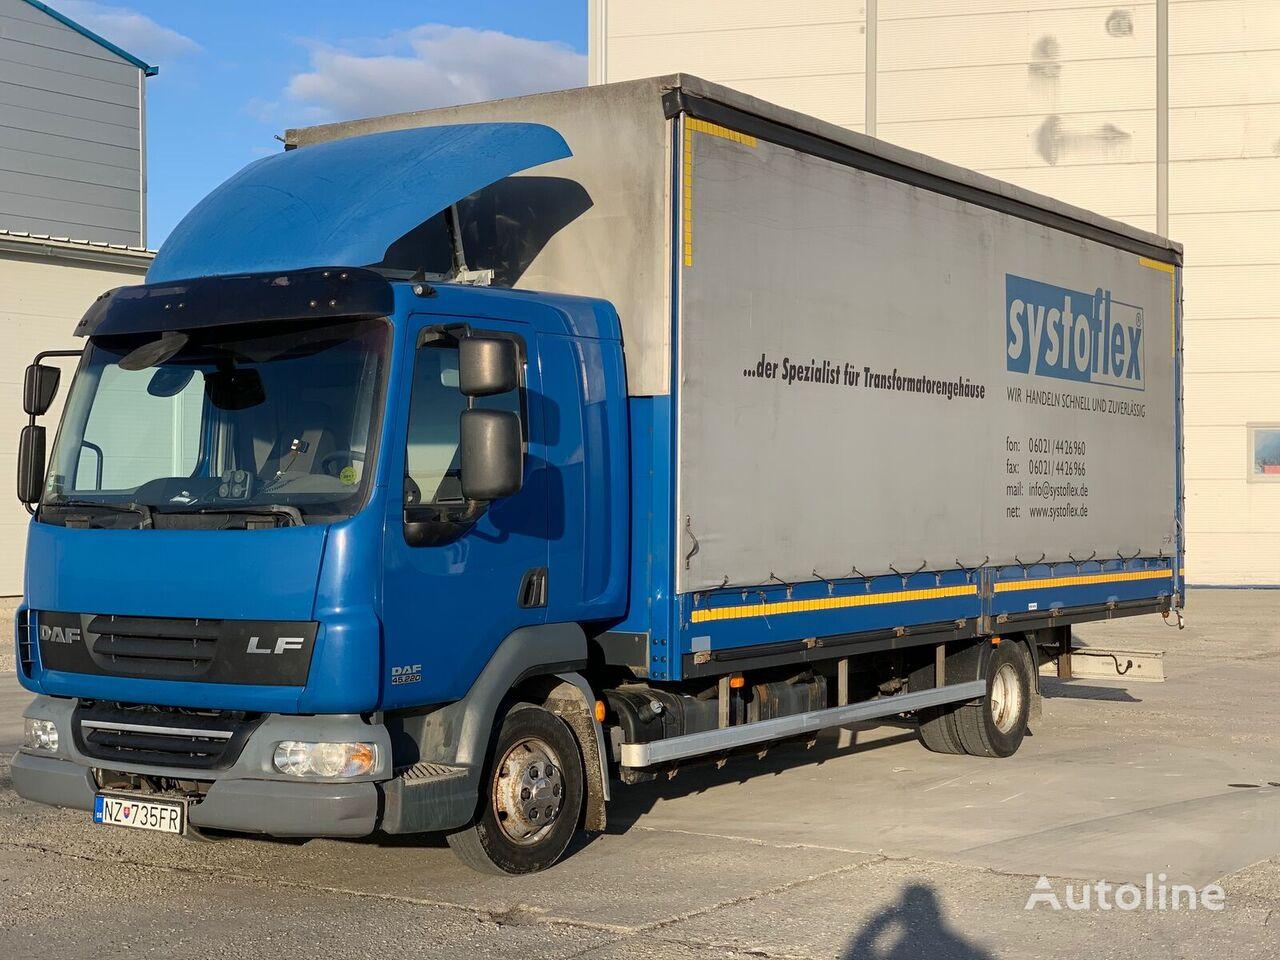 DAF AE 45 LF AUTOMAT EURO 5 kamion sa klizna zavesa cerada